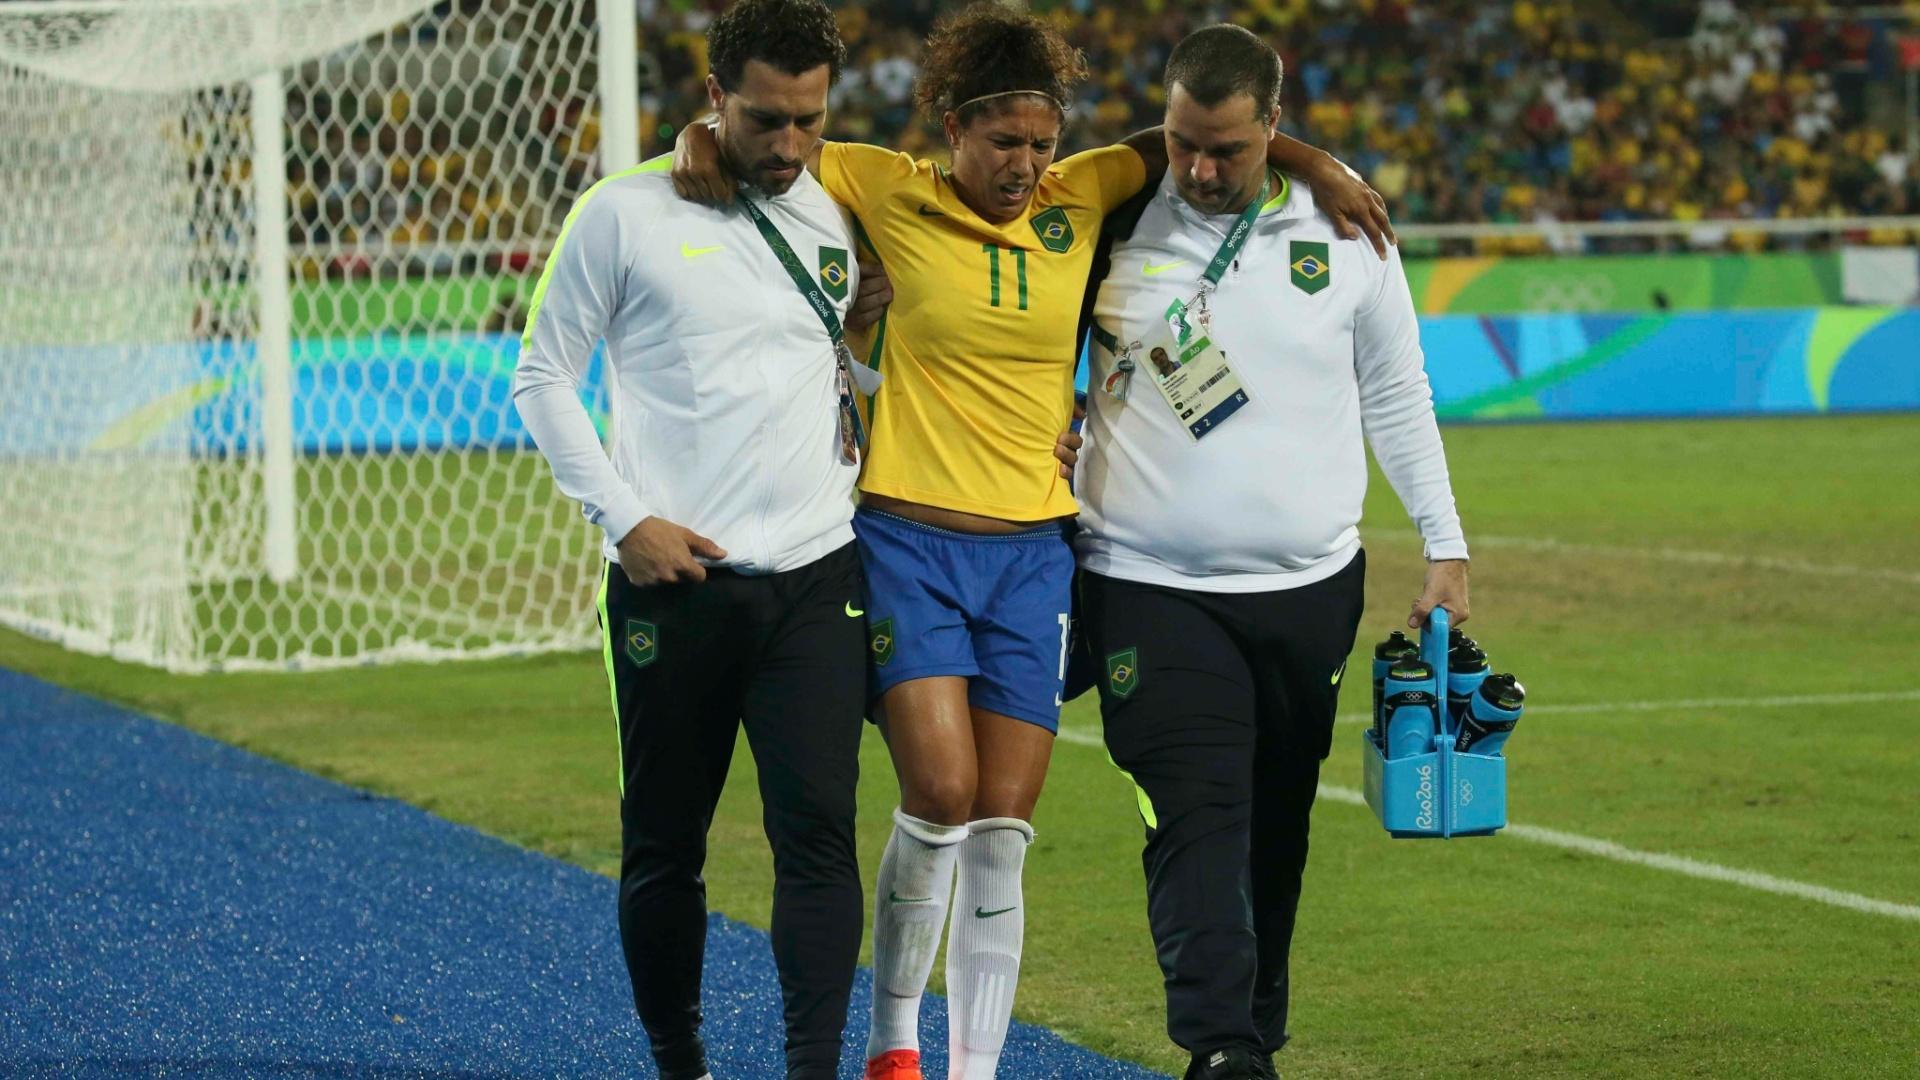 Cristiane sente a posterior da coxa e deve desfalcar seleção brasileira